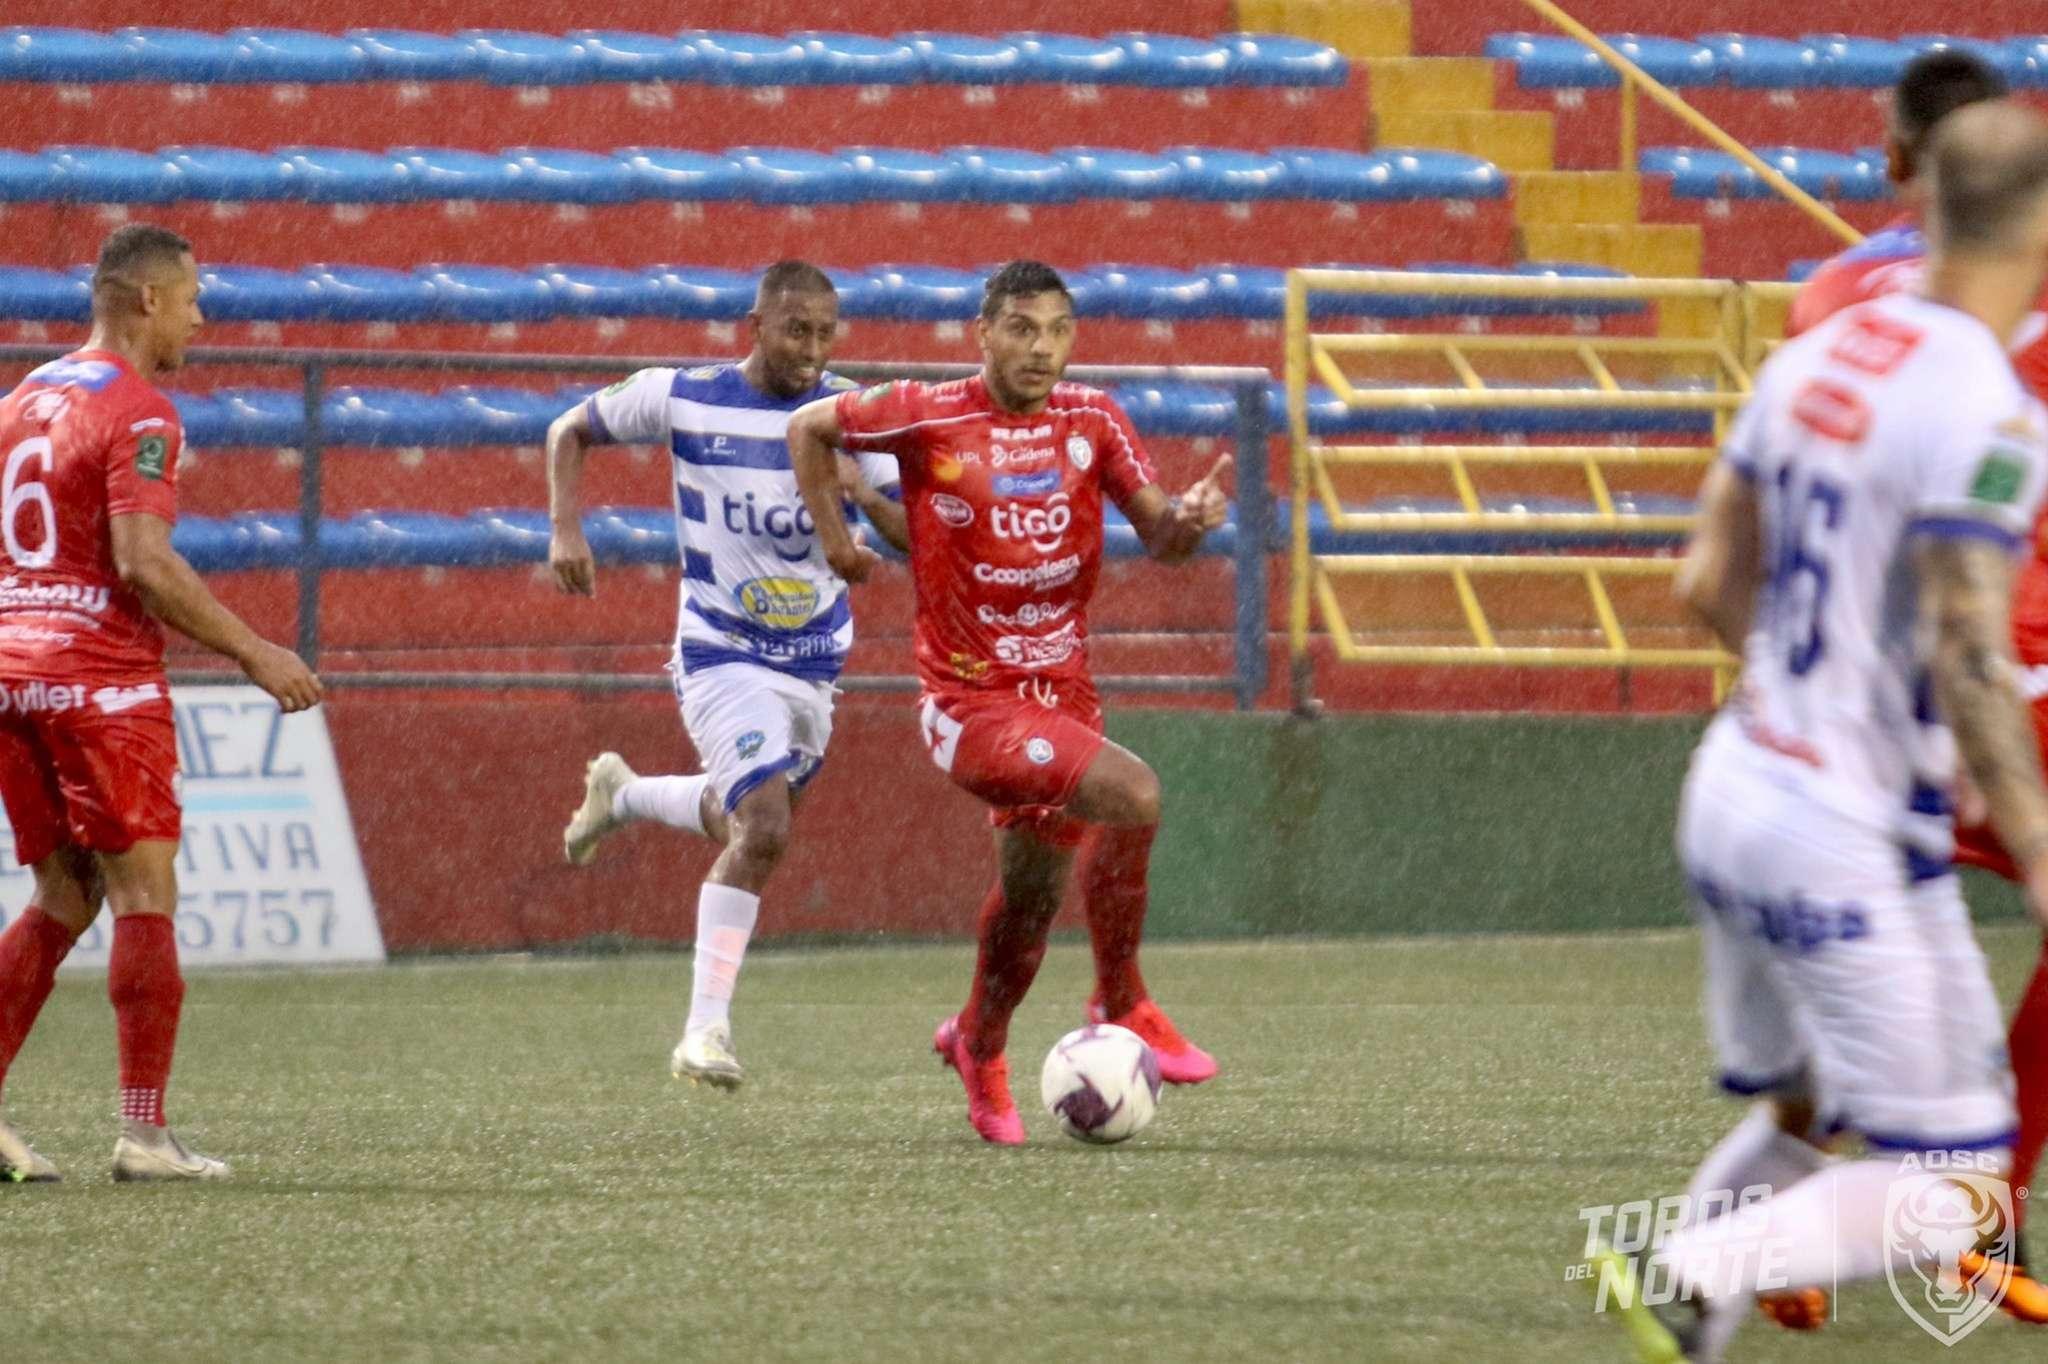 Jorman Aguilar conduce el balón durante el partido de ayer.